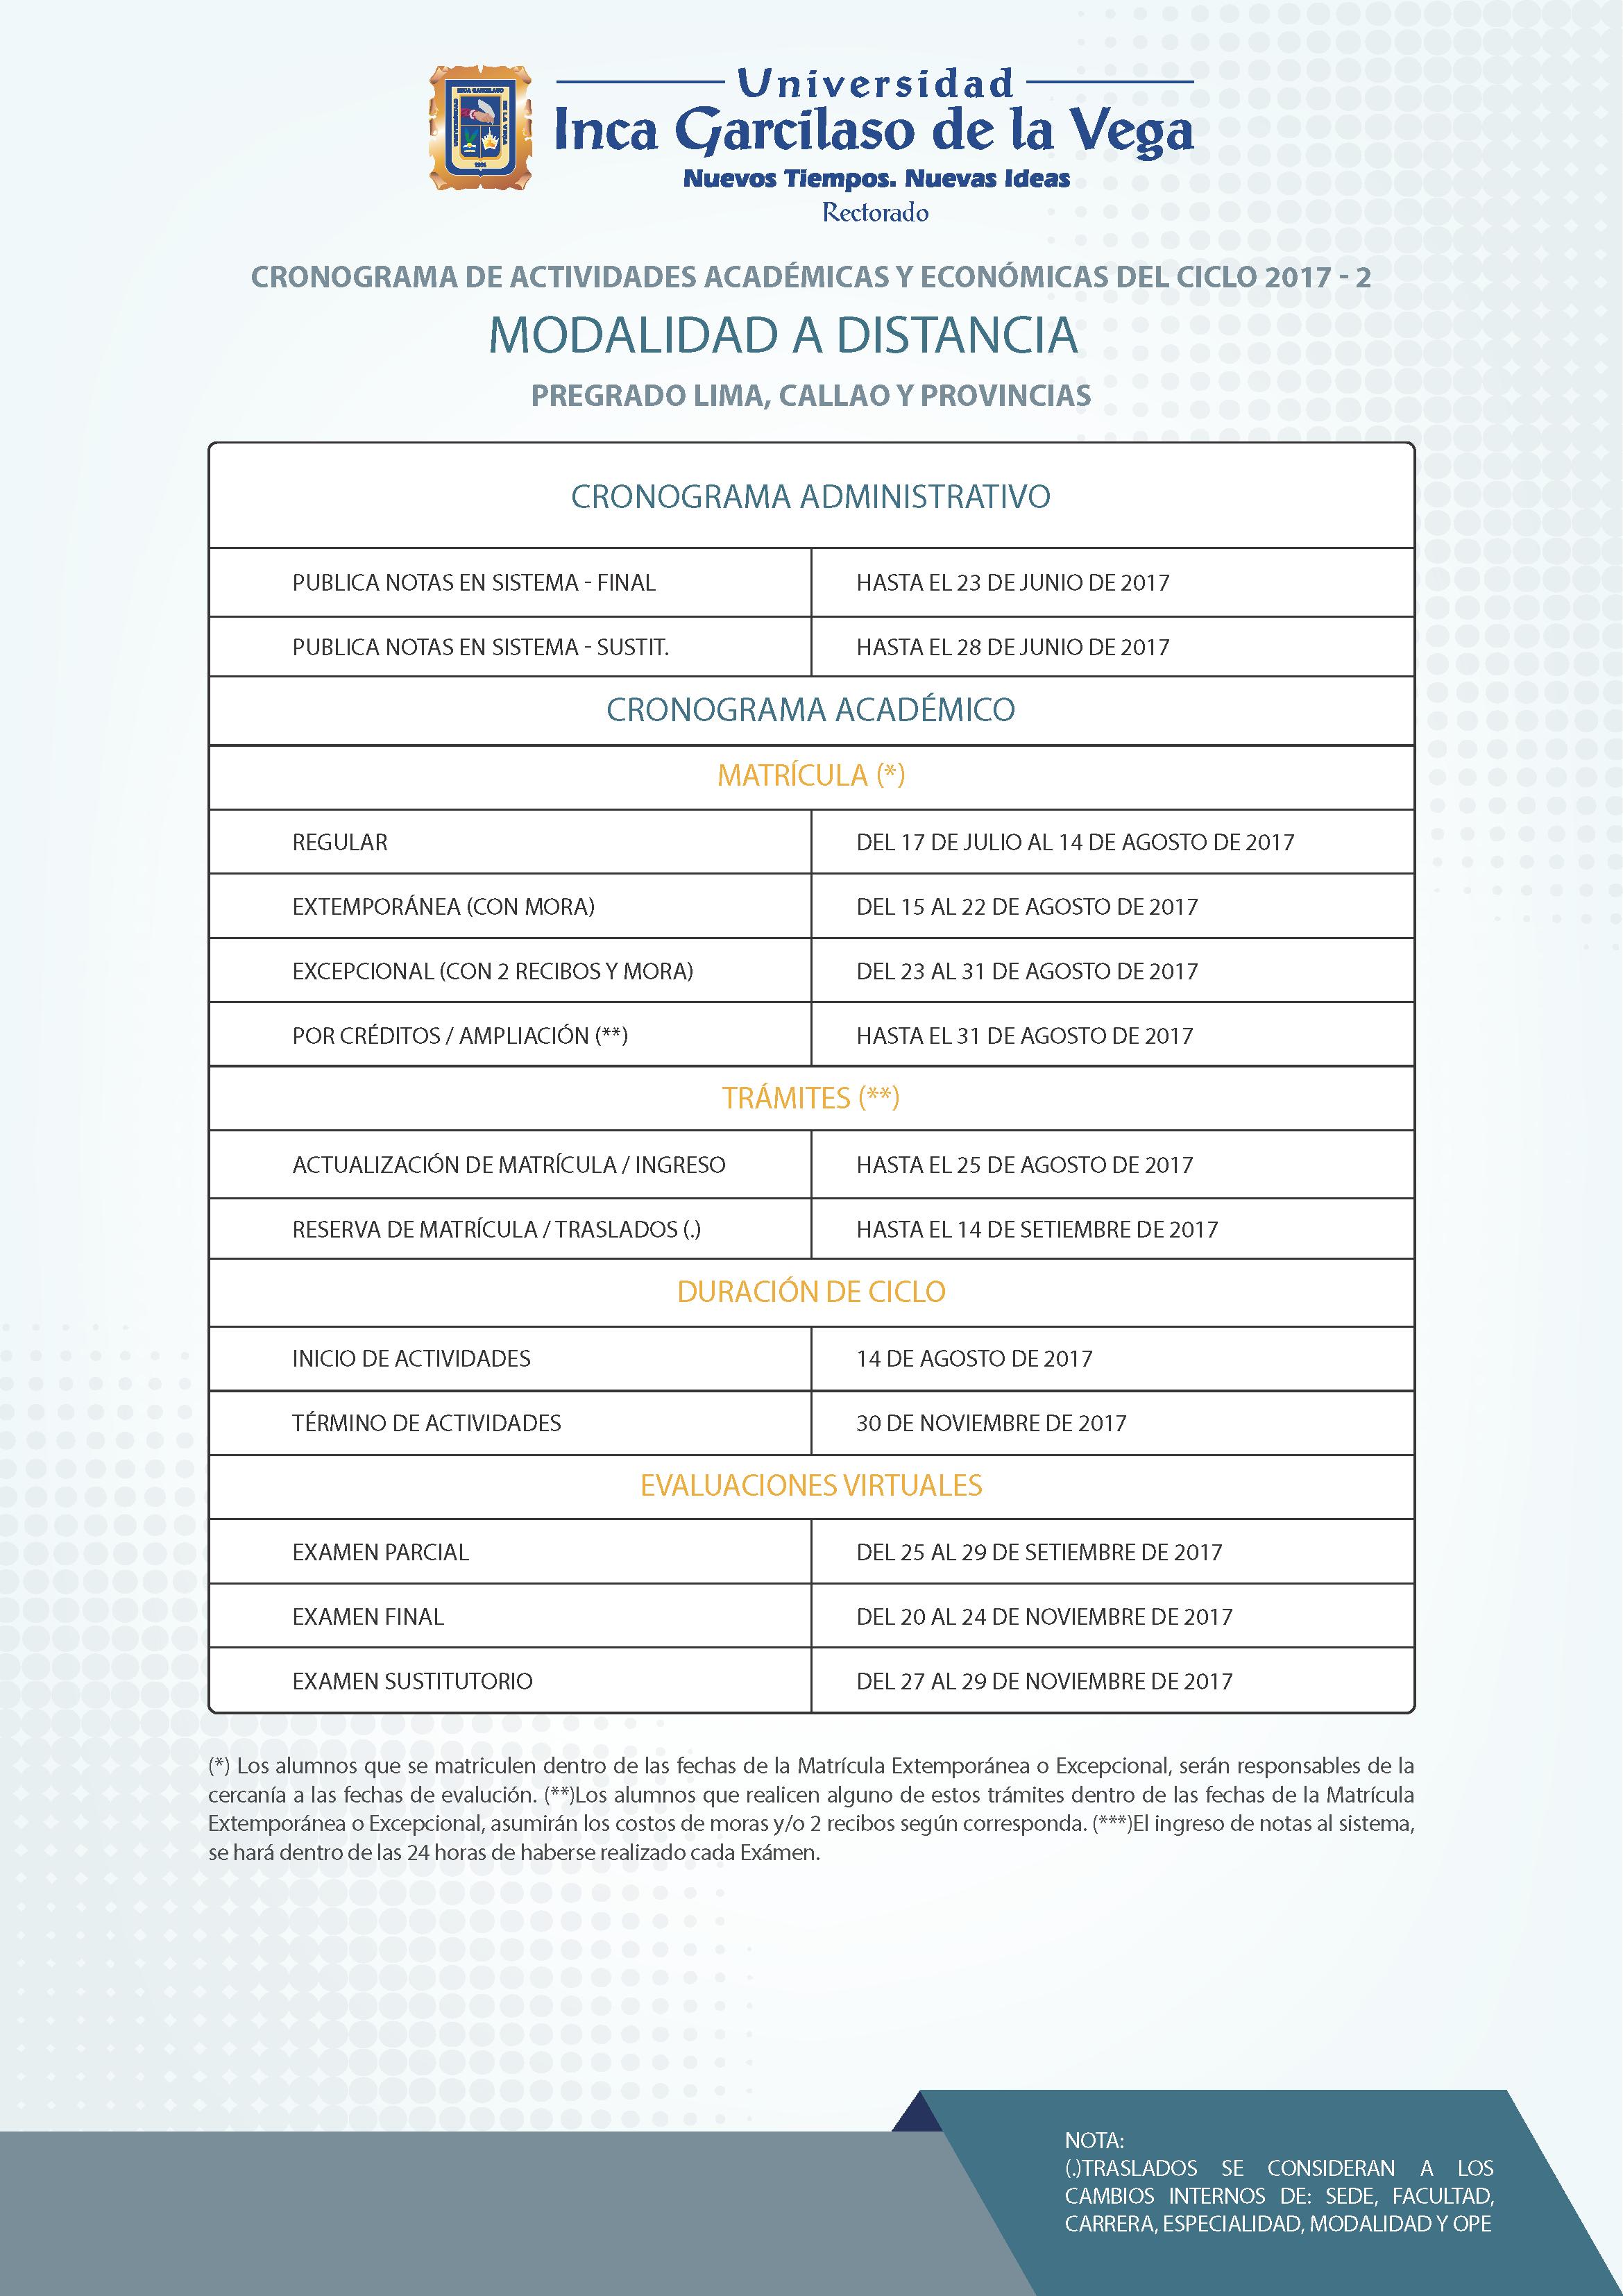 Cronograma 2017-2. Sistema a Distancia